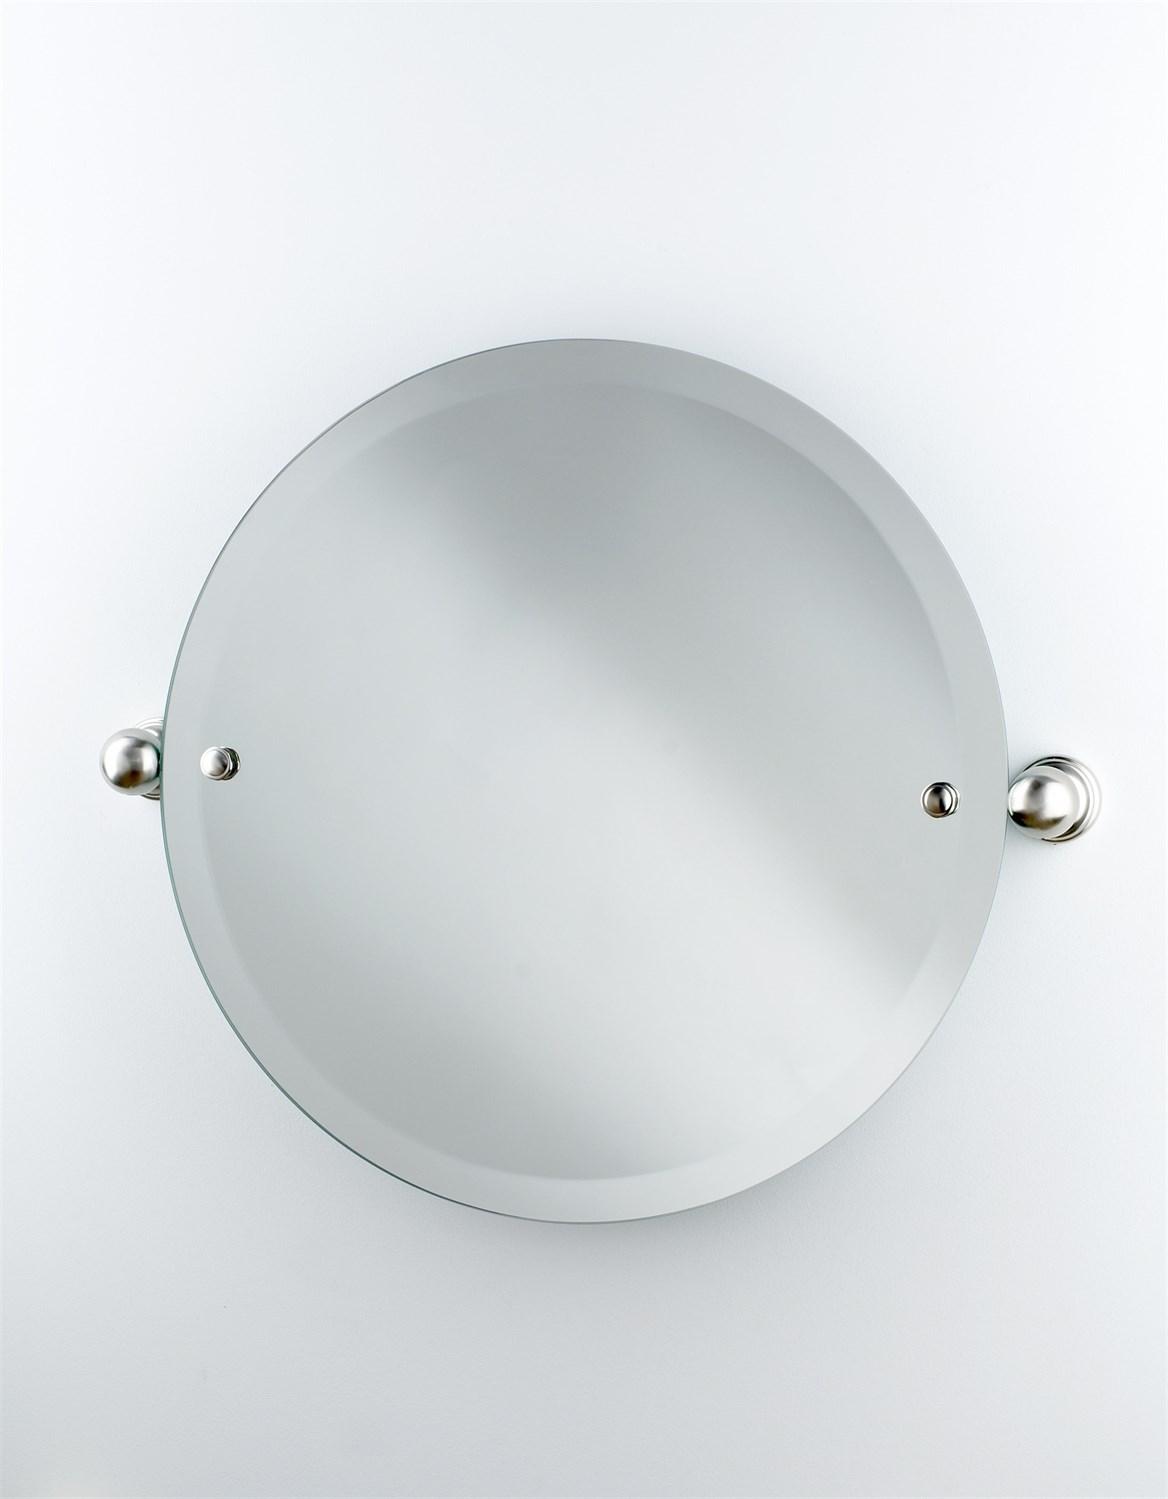 Picture of: Spejle I Faaborg Spejle Med Facetslebet Kant Til Badevaerelset